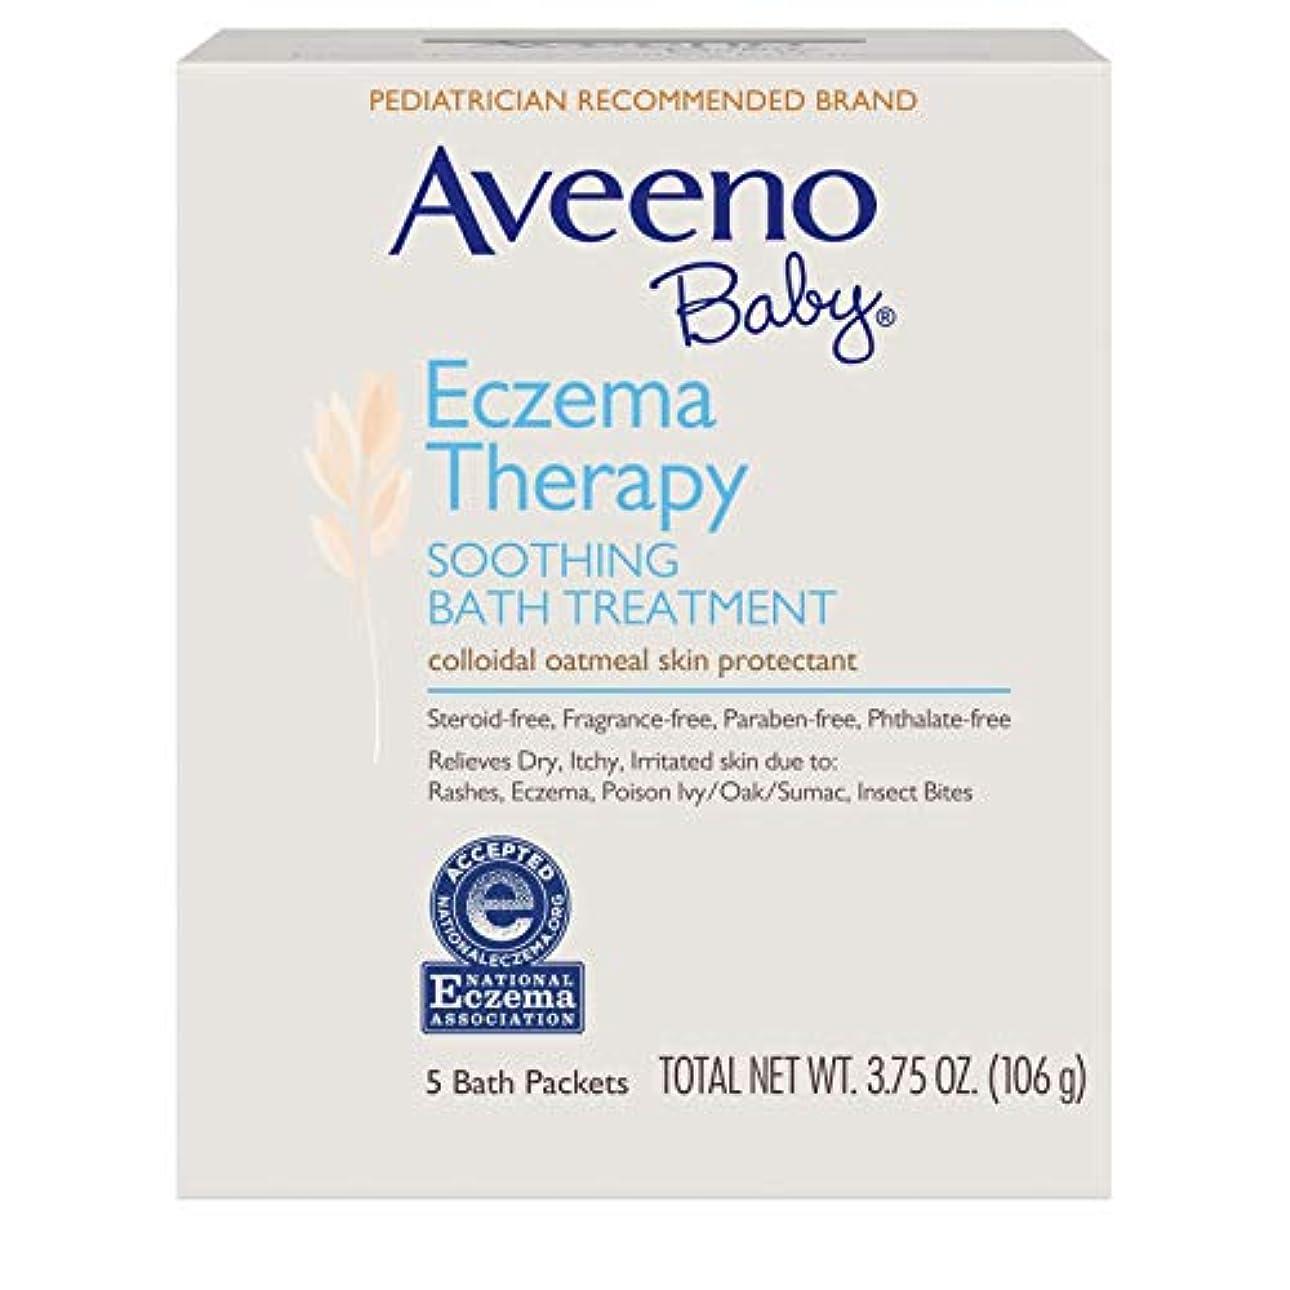 娘スープしない〈海外直送品〉AVEENO® Baby Eczema Therapy SOOTHING BATH TREATMENT - 5パック(106g) アヴィーノ スーシング バストリートメント